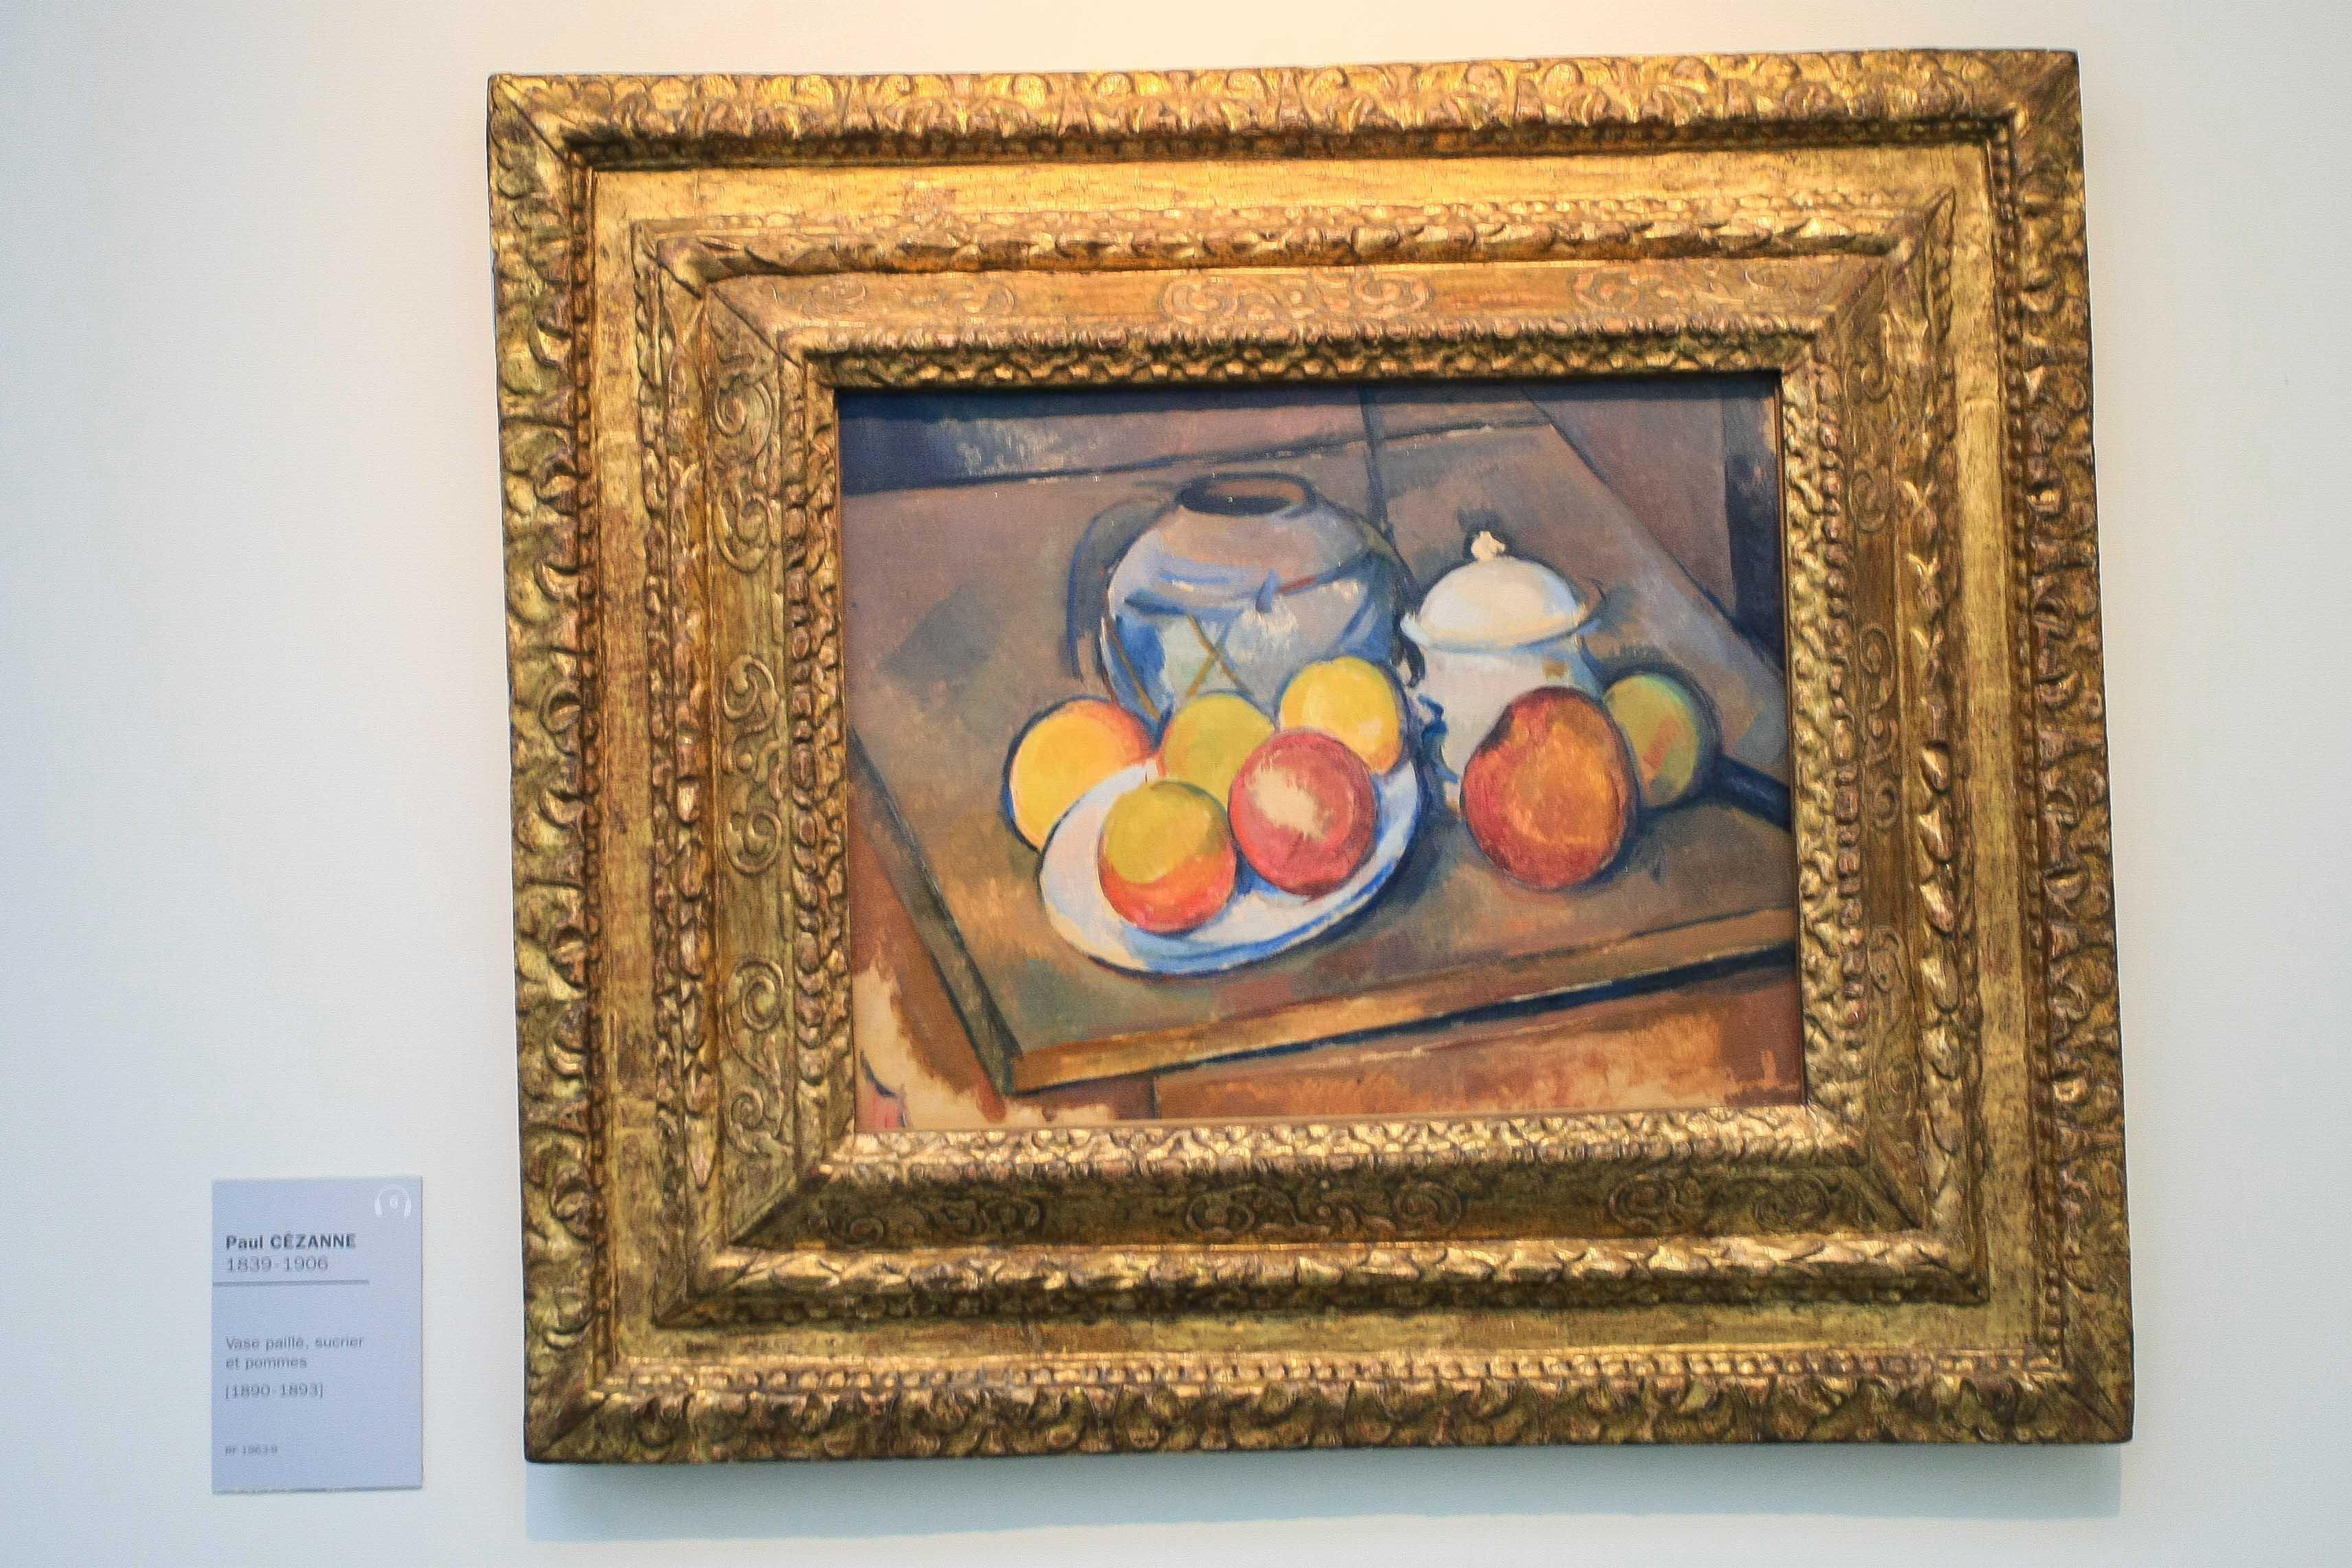 【フランス旅行】パリ オランジュリー美術館 セザンヌも見れる